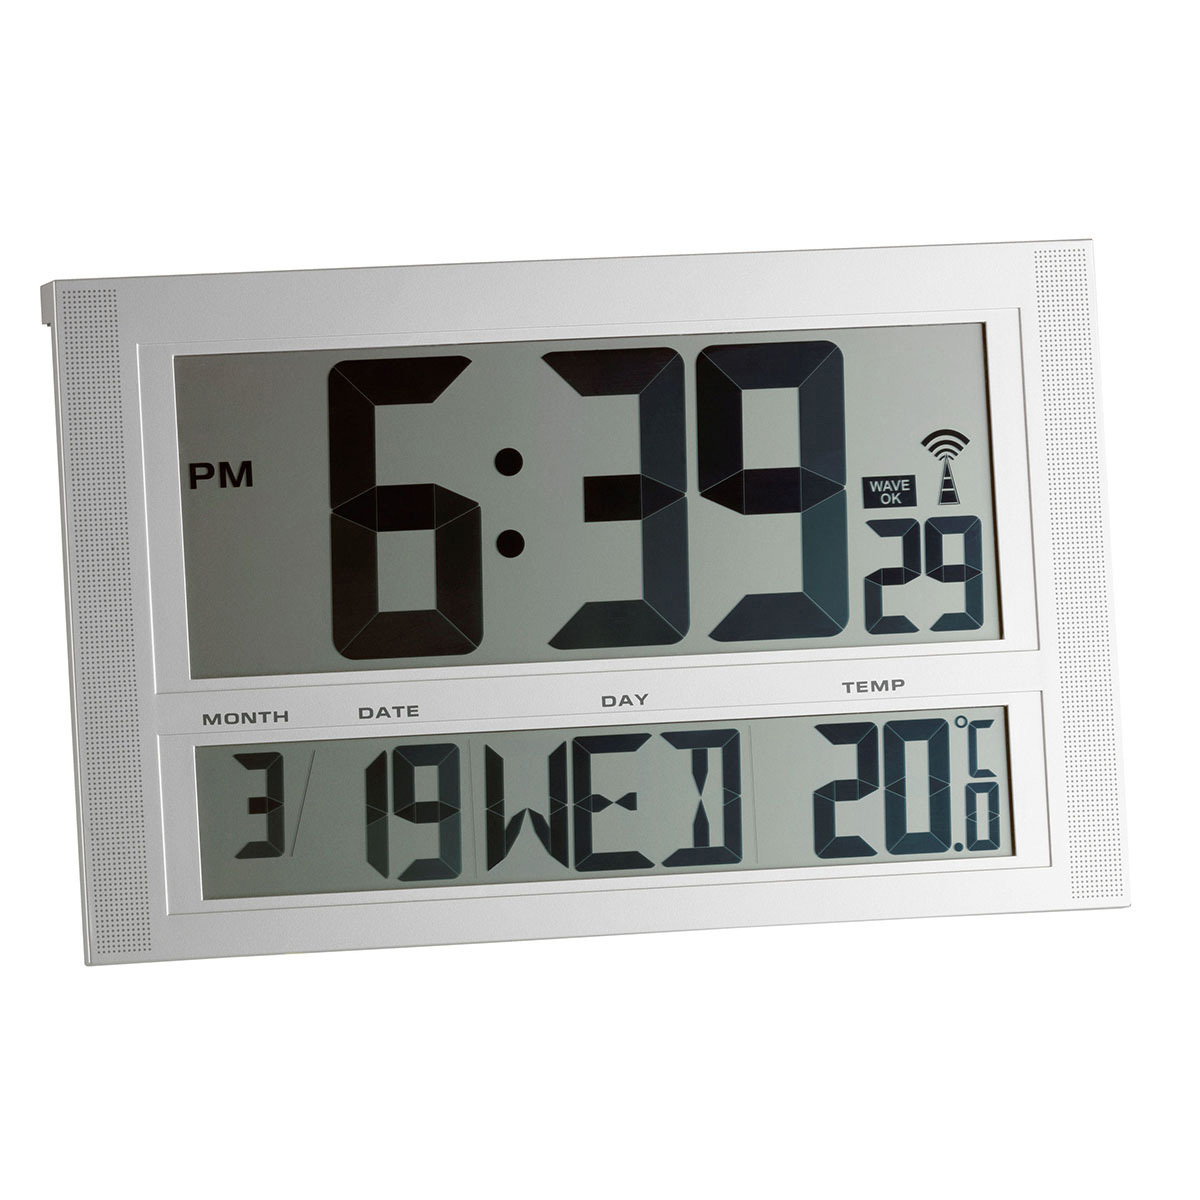 98-1090-digitale-xxl-funkuhr-mit-temperatur-1200x1200px.jpg